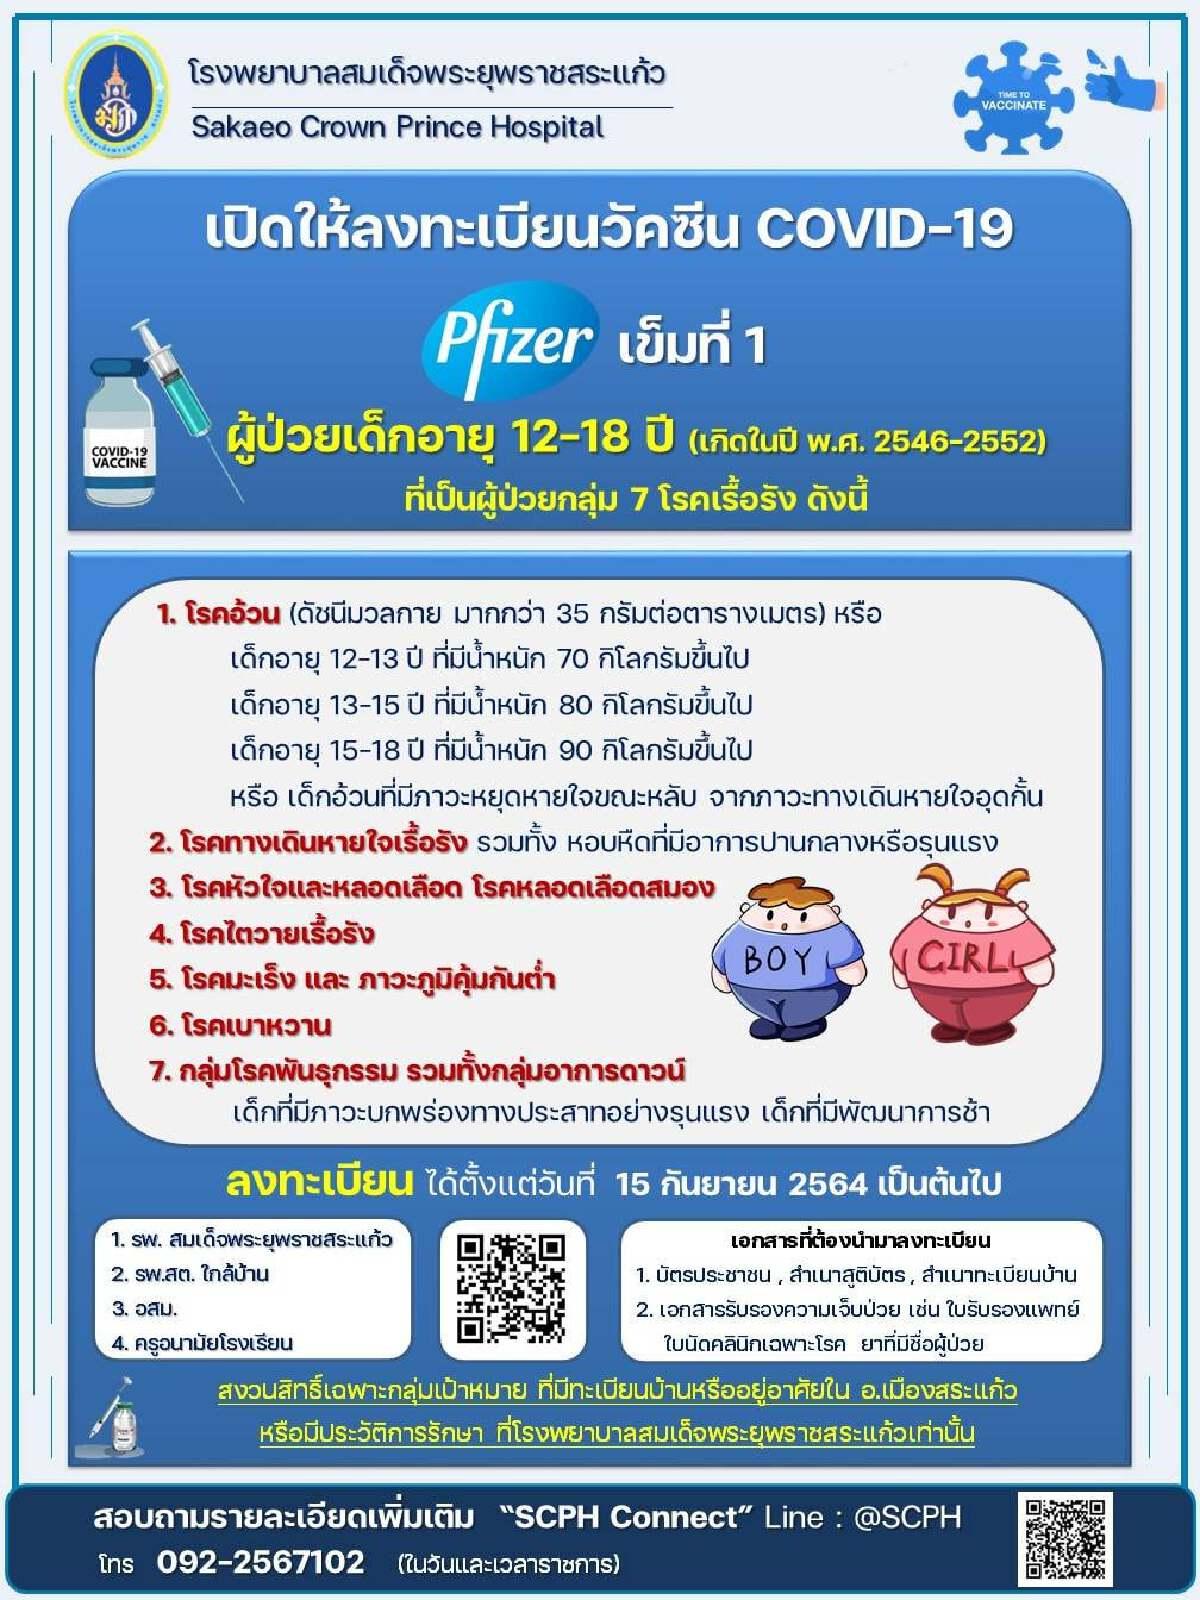 สระแก้วติดเชื้ออีก 119 ราย ร.พ.สมเด็จพระยุพราช เปิดจองฉีดวัคซีนเด็กวันนี้